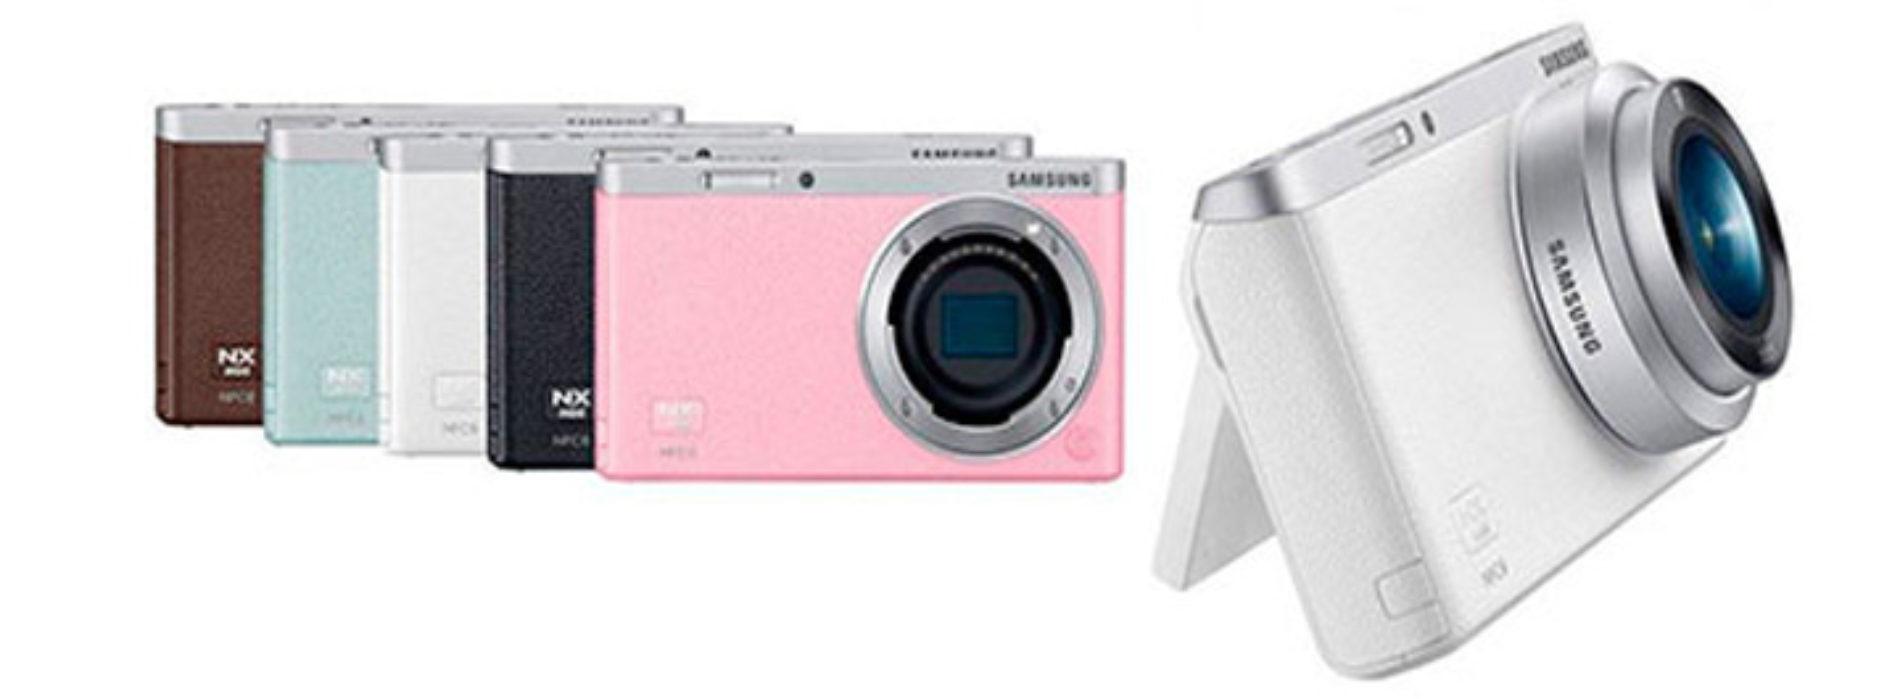 Ремонт цифровых фотоаппаратов Samsung